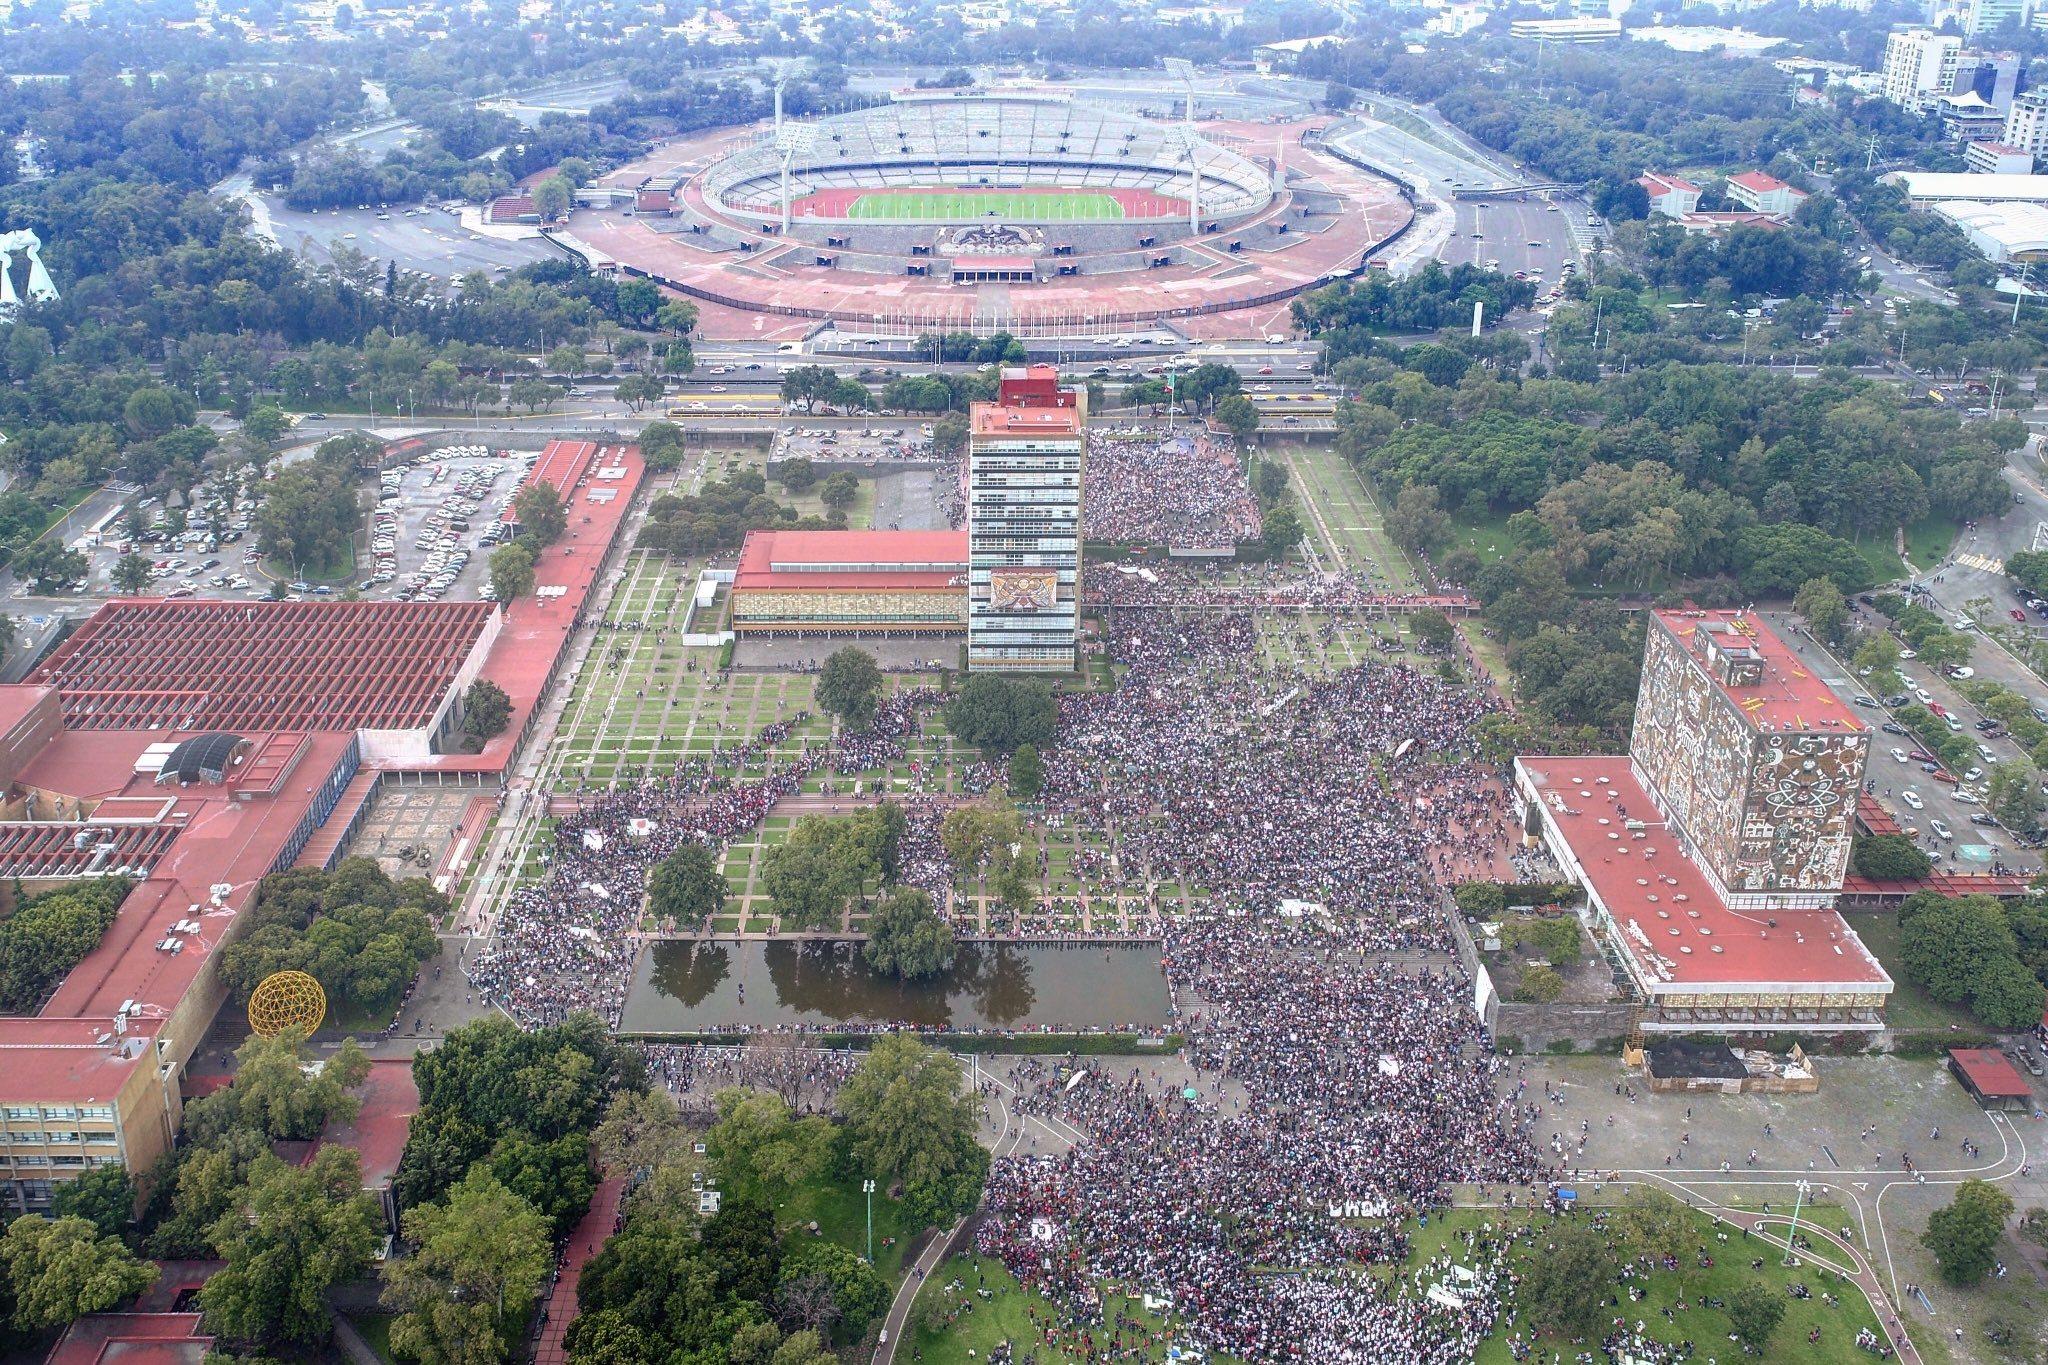 Vista aérea de la manifestación